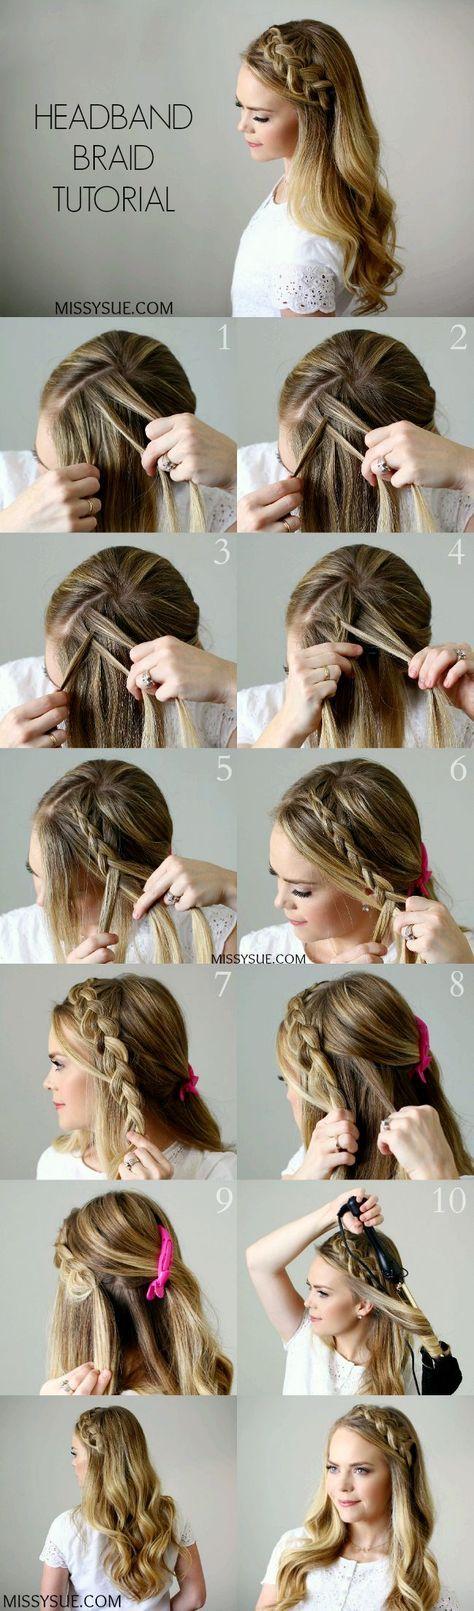 Head band braid is LOVE <3